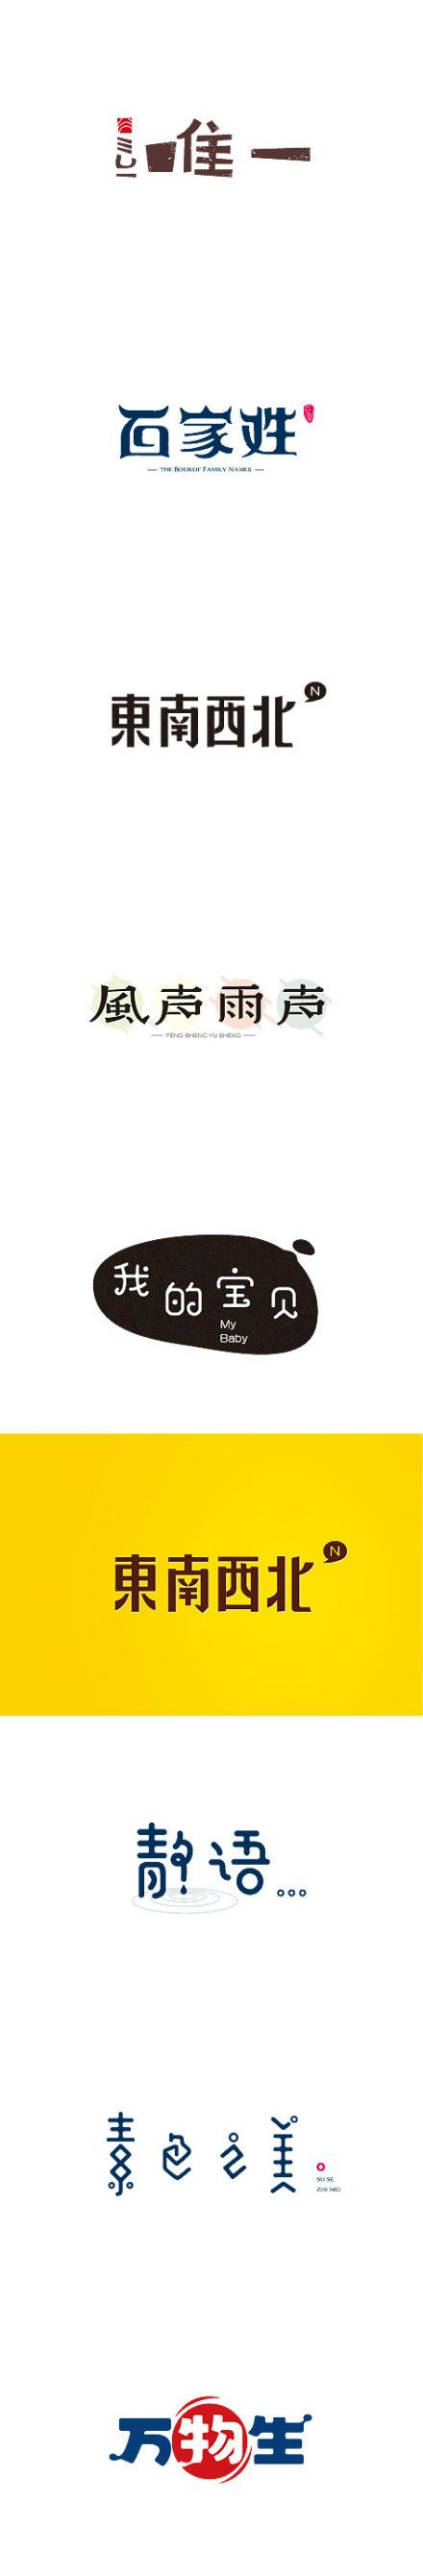 十萬個為什麼采集到font. 中文(32图)_花瓣